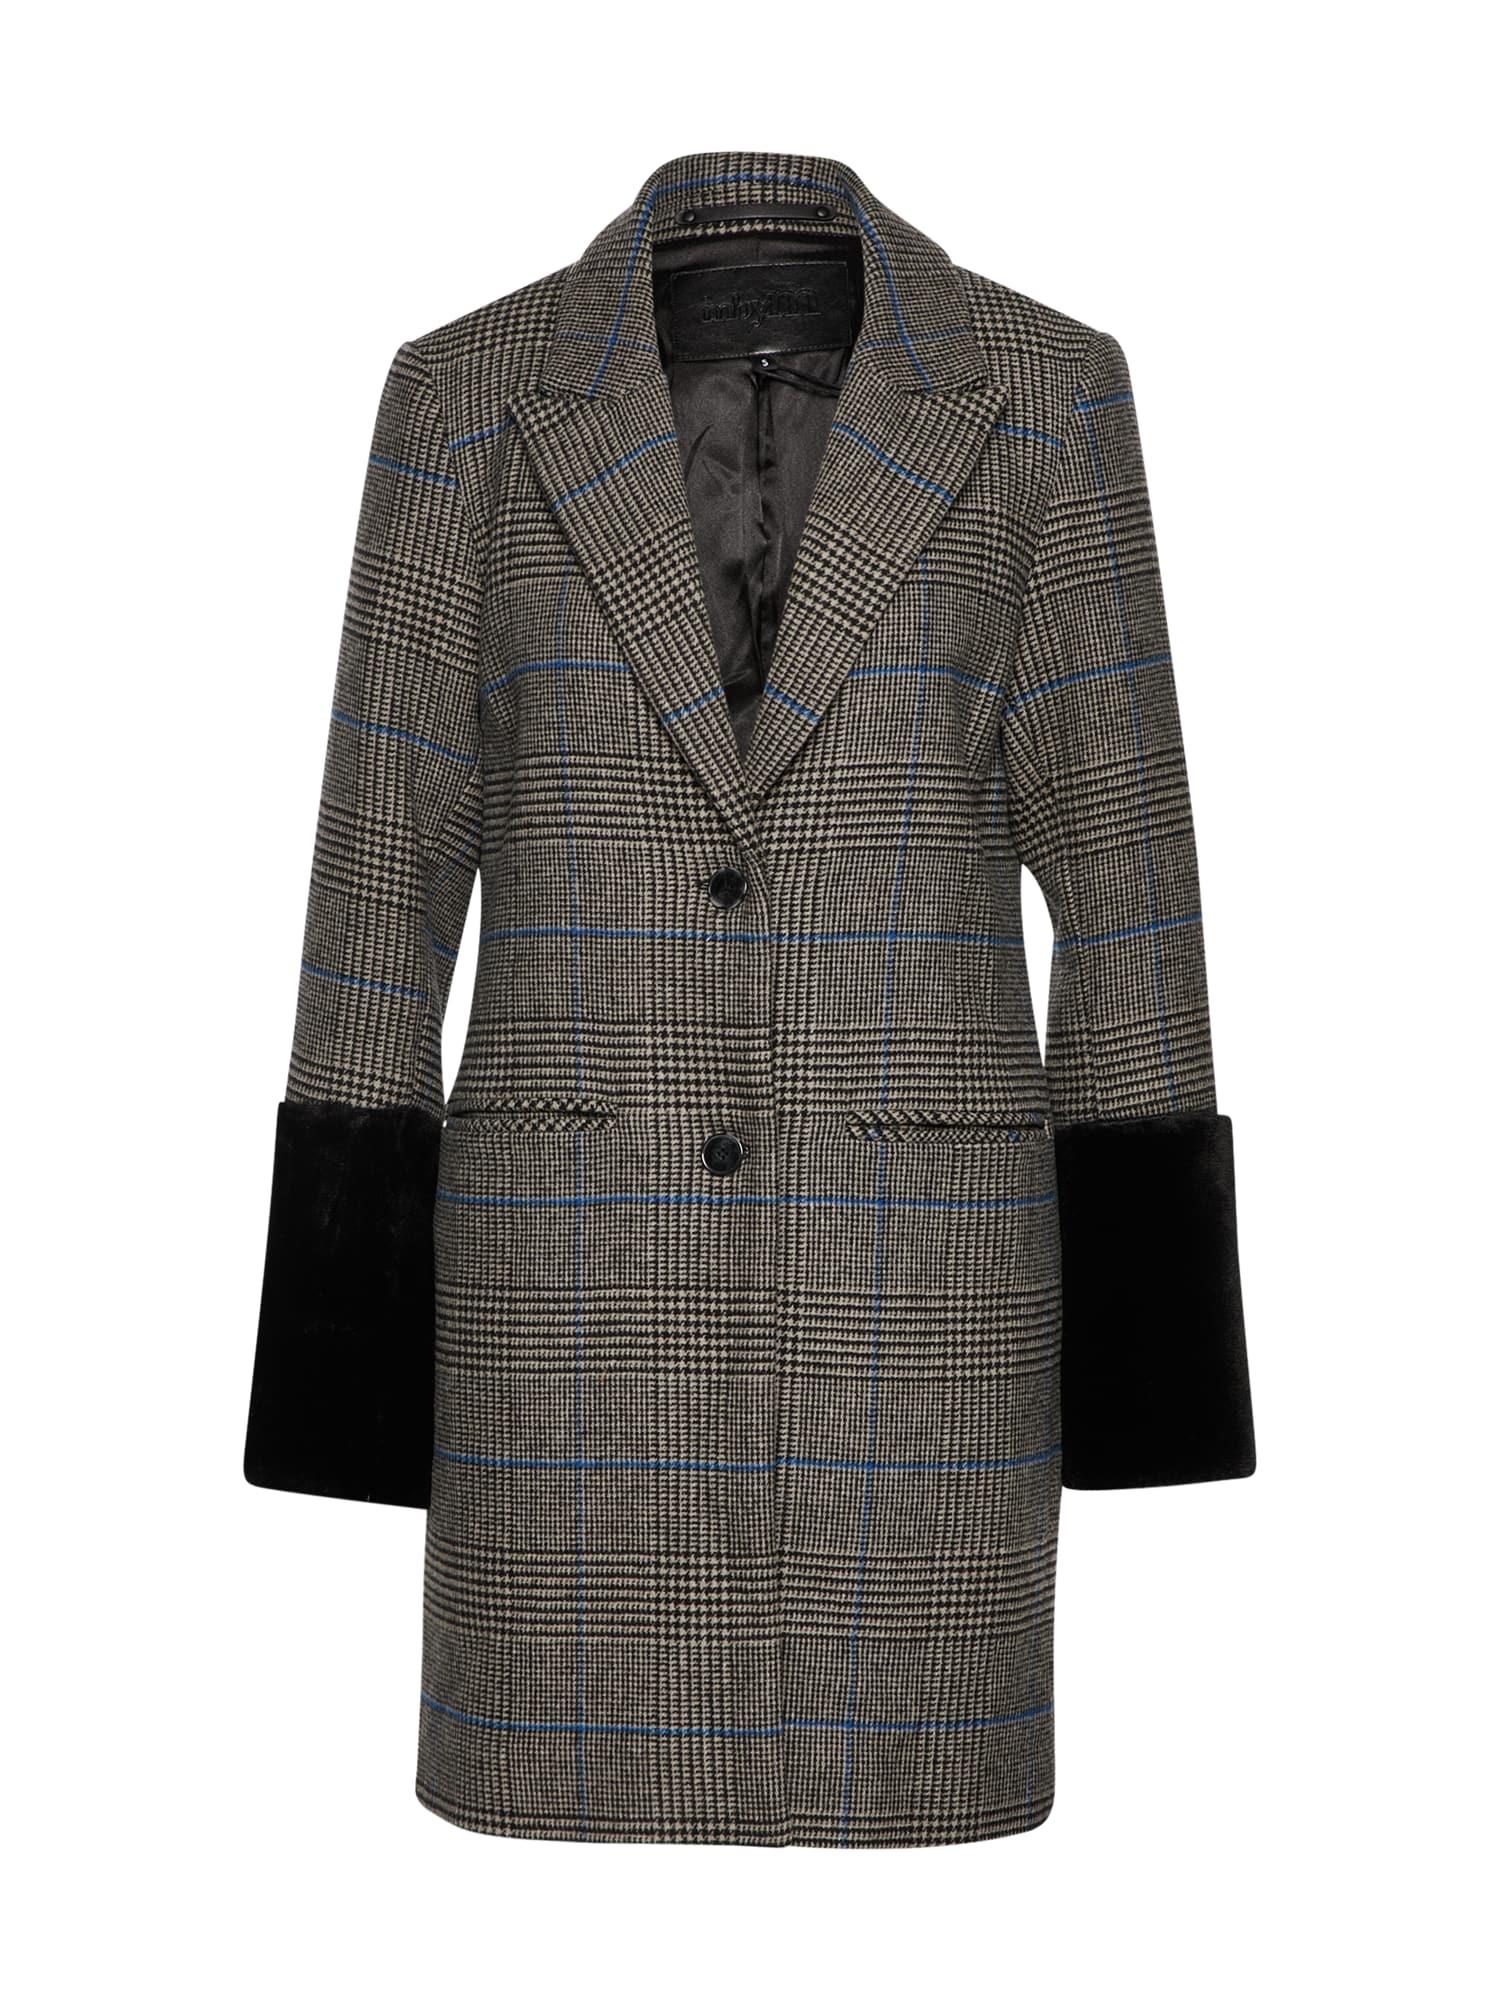 Přechodný kabát Ammi modrá šedá Mbym